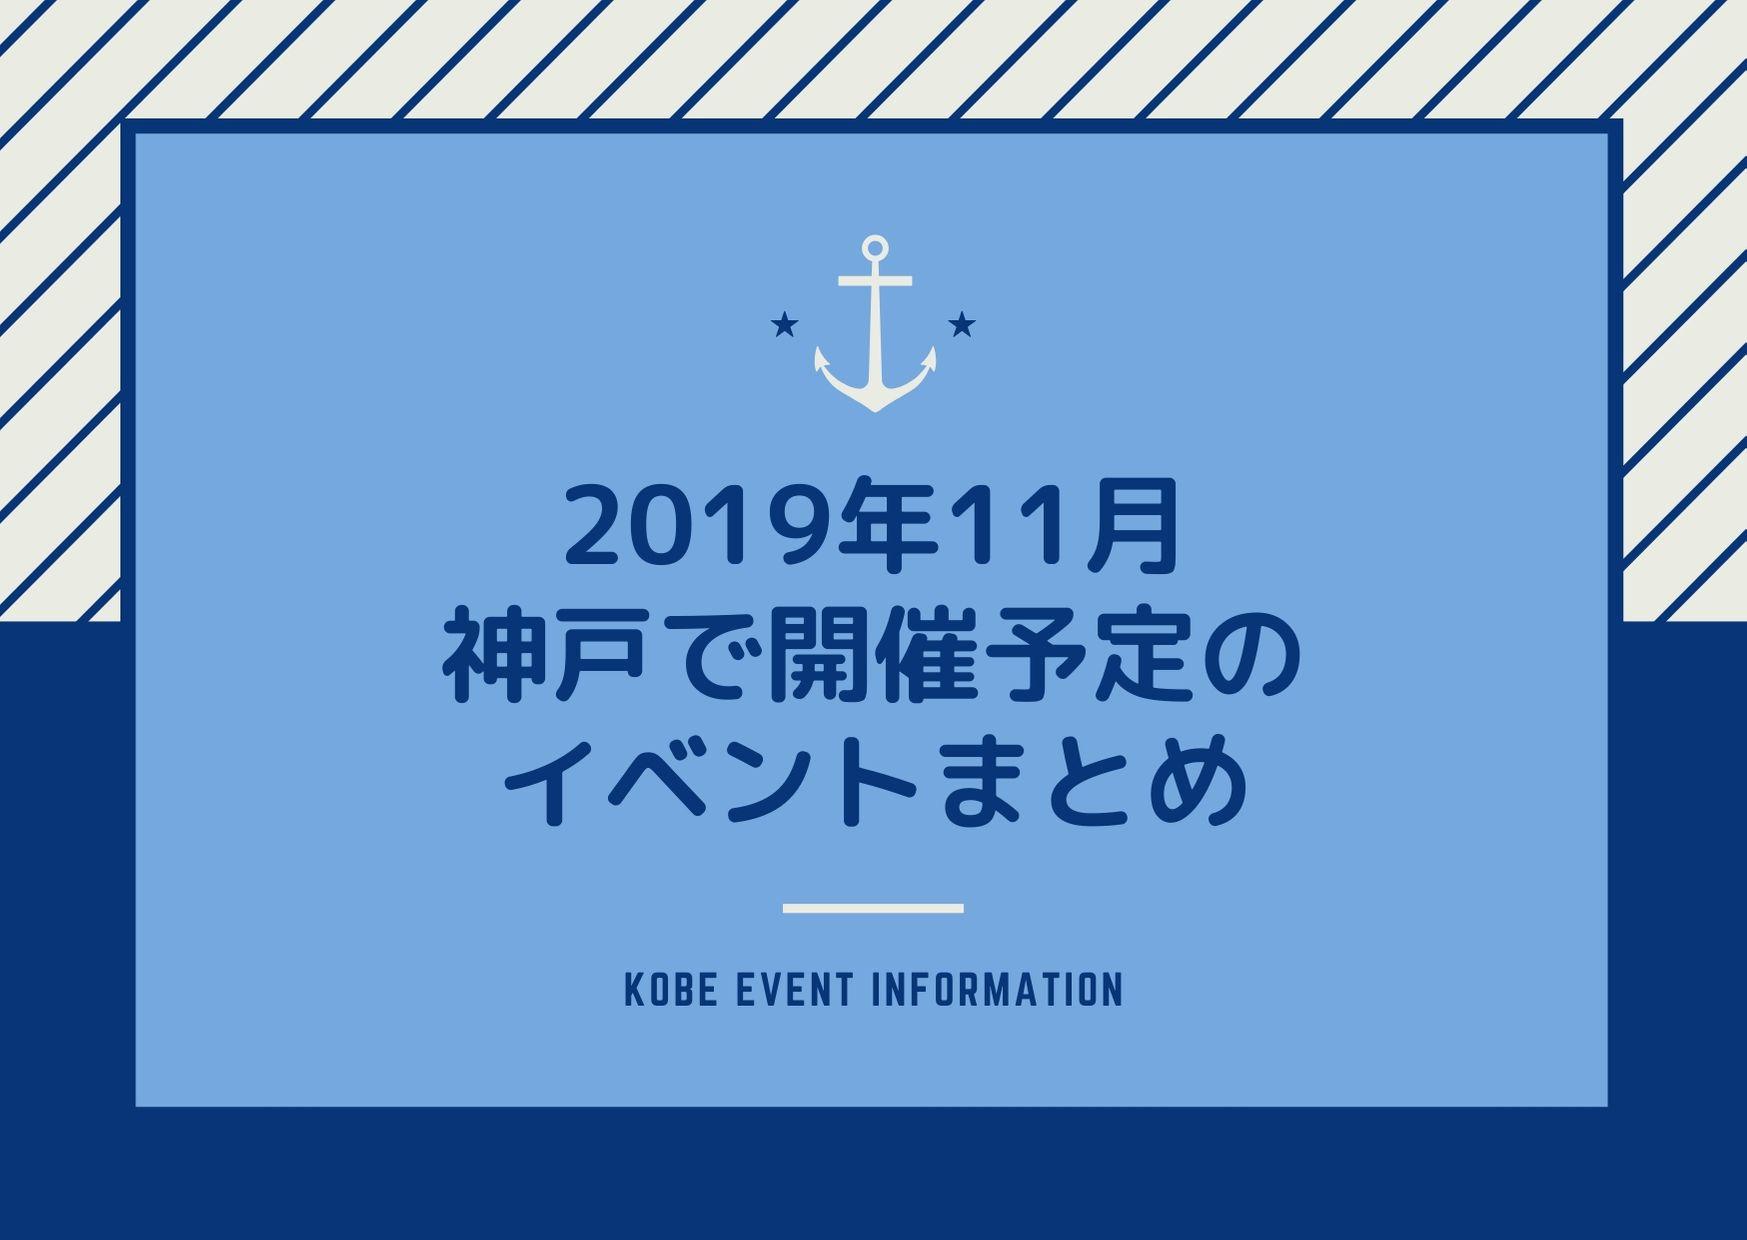 【2019年11月】神戸で開催されるイベント一覧✔️おすすめ&注目イベントをチェック!